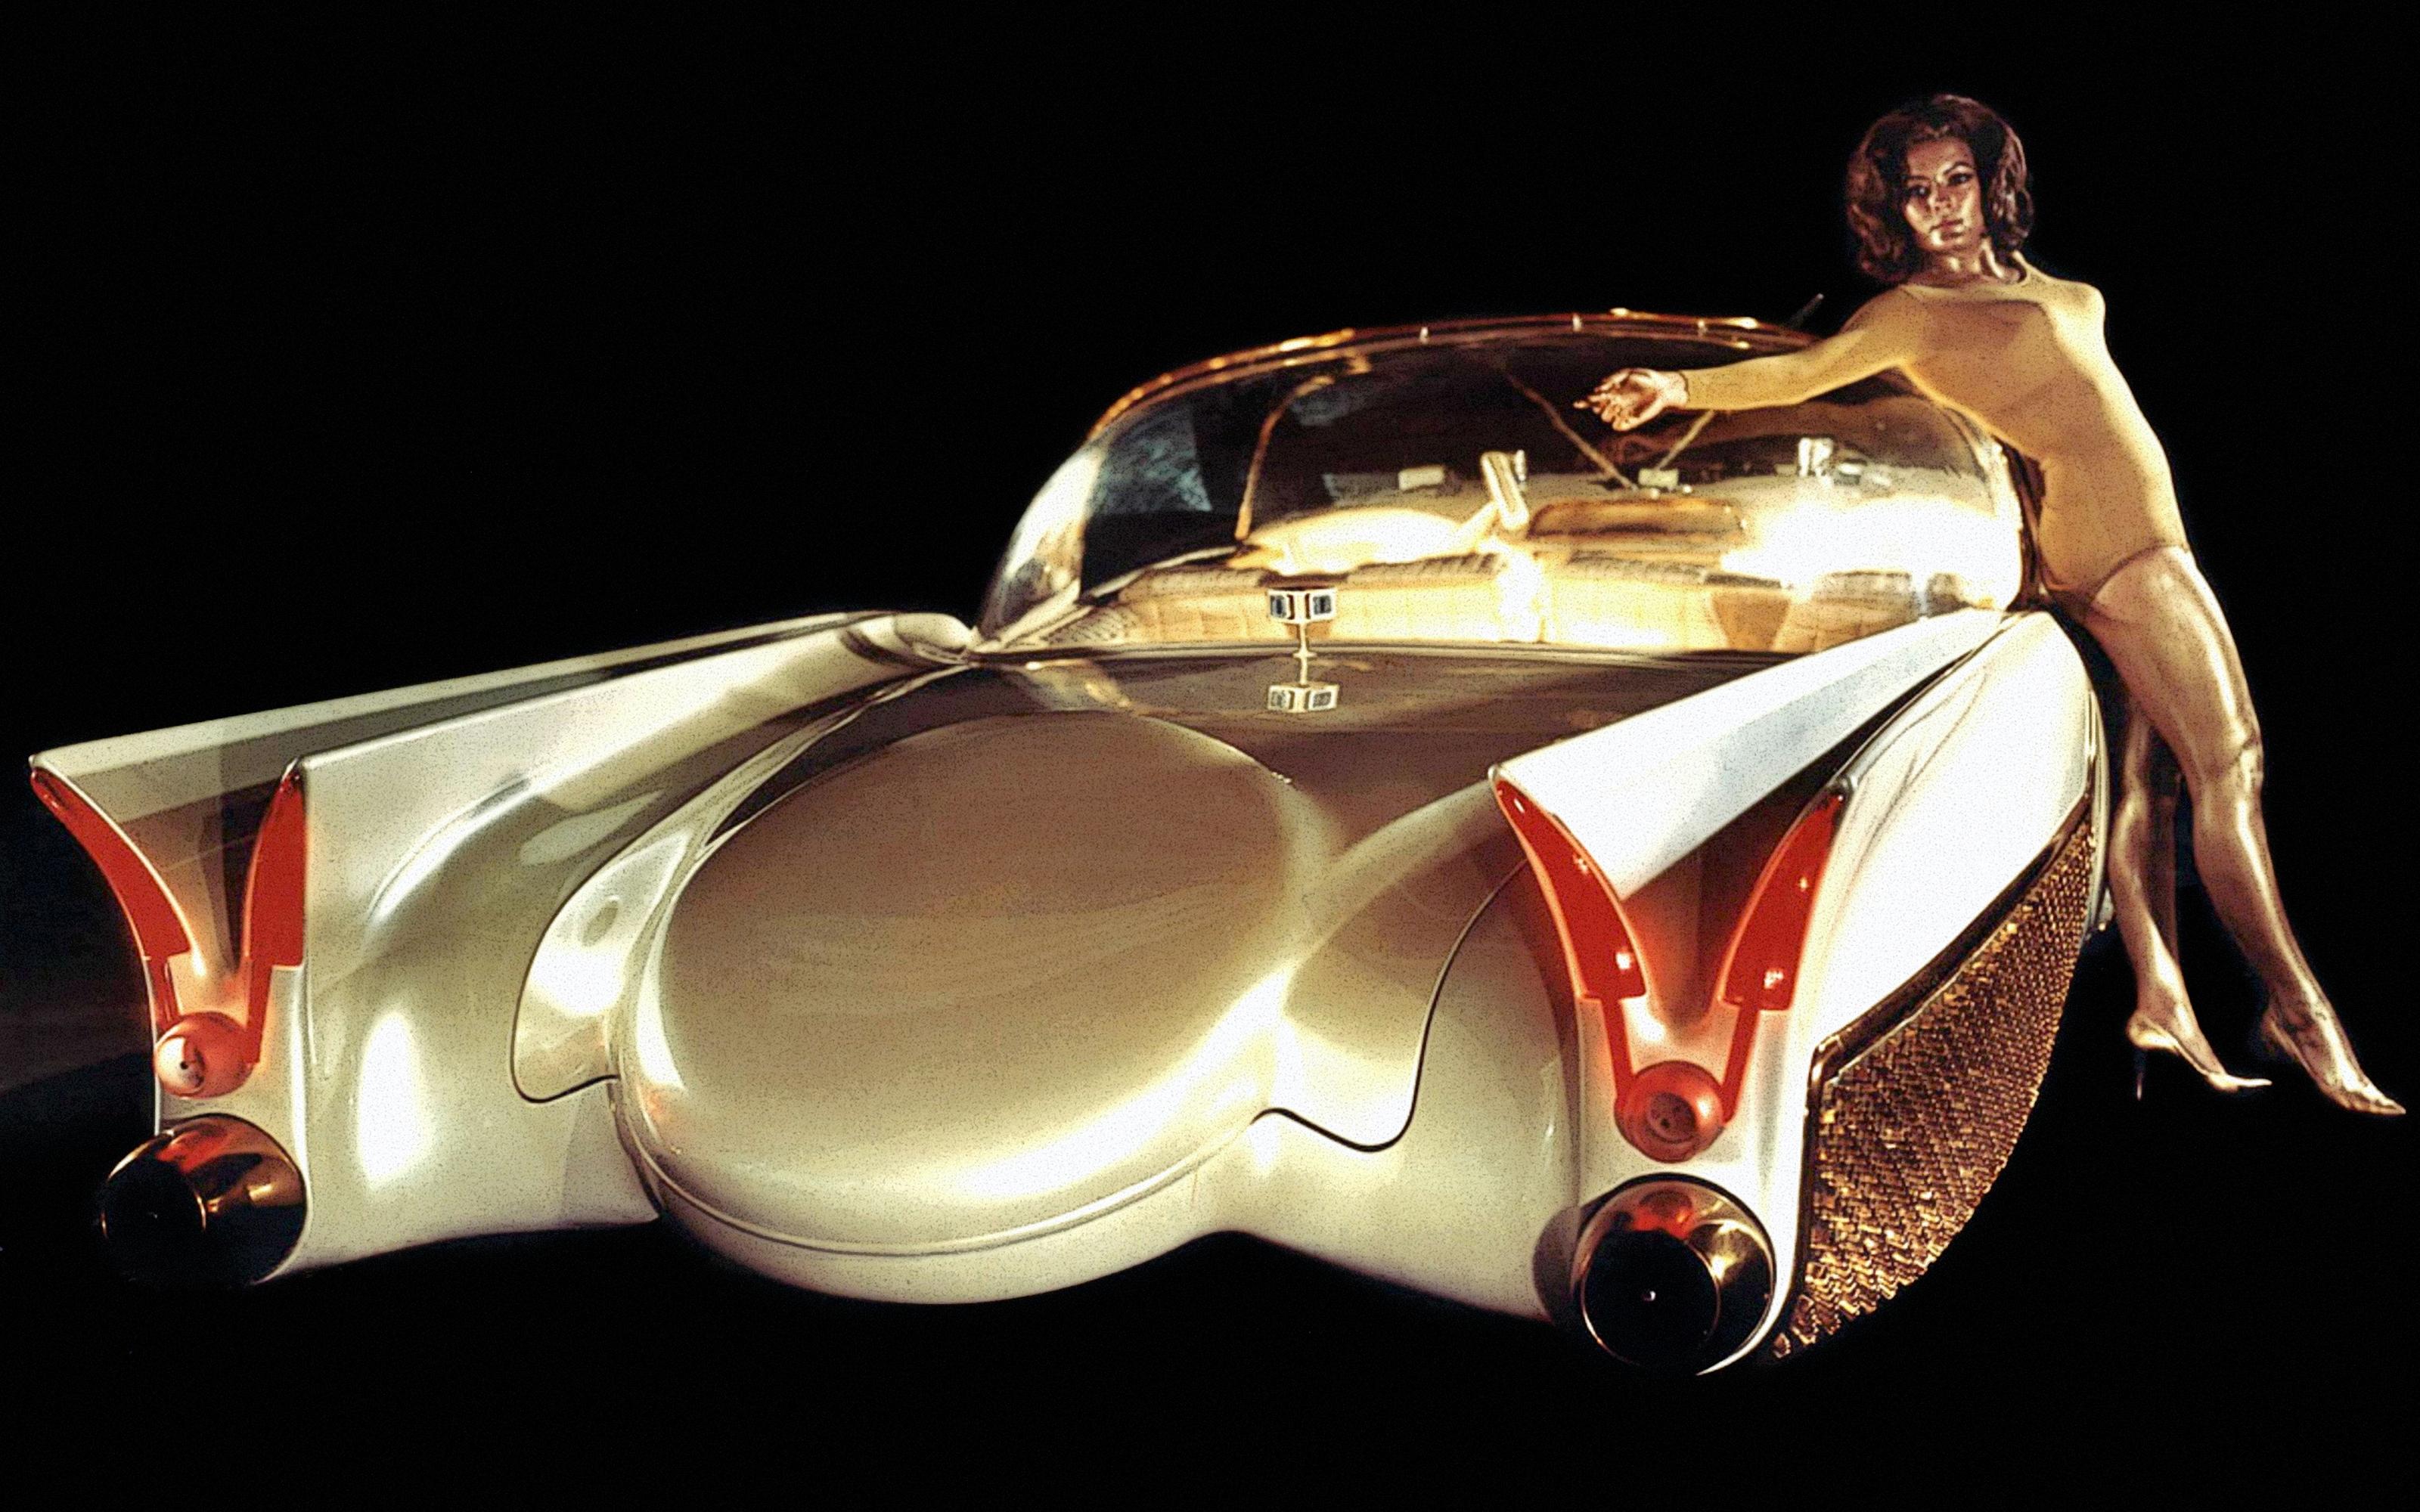 Golden Sahara I & II…première voiture autonome de l'histoire ! (+ vidéos) By gatsbyonline.com George-Barris-GoldenSaharaII-08